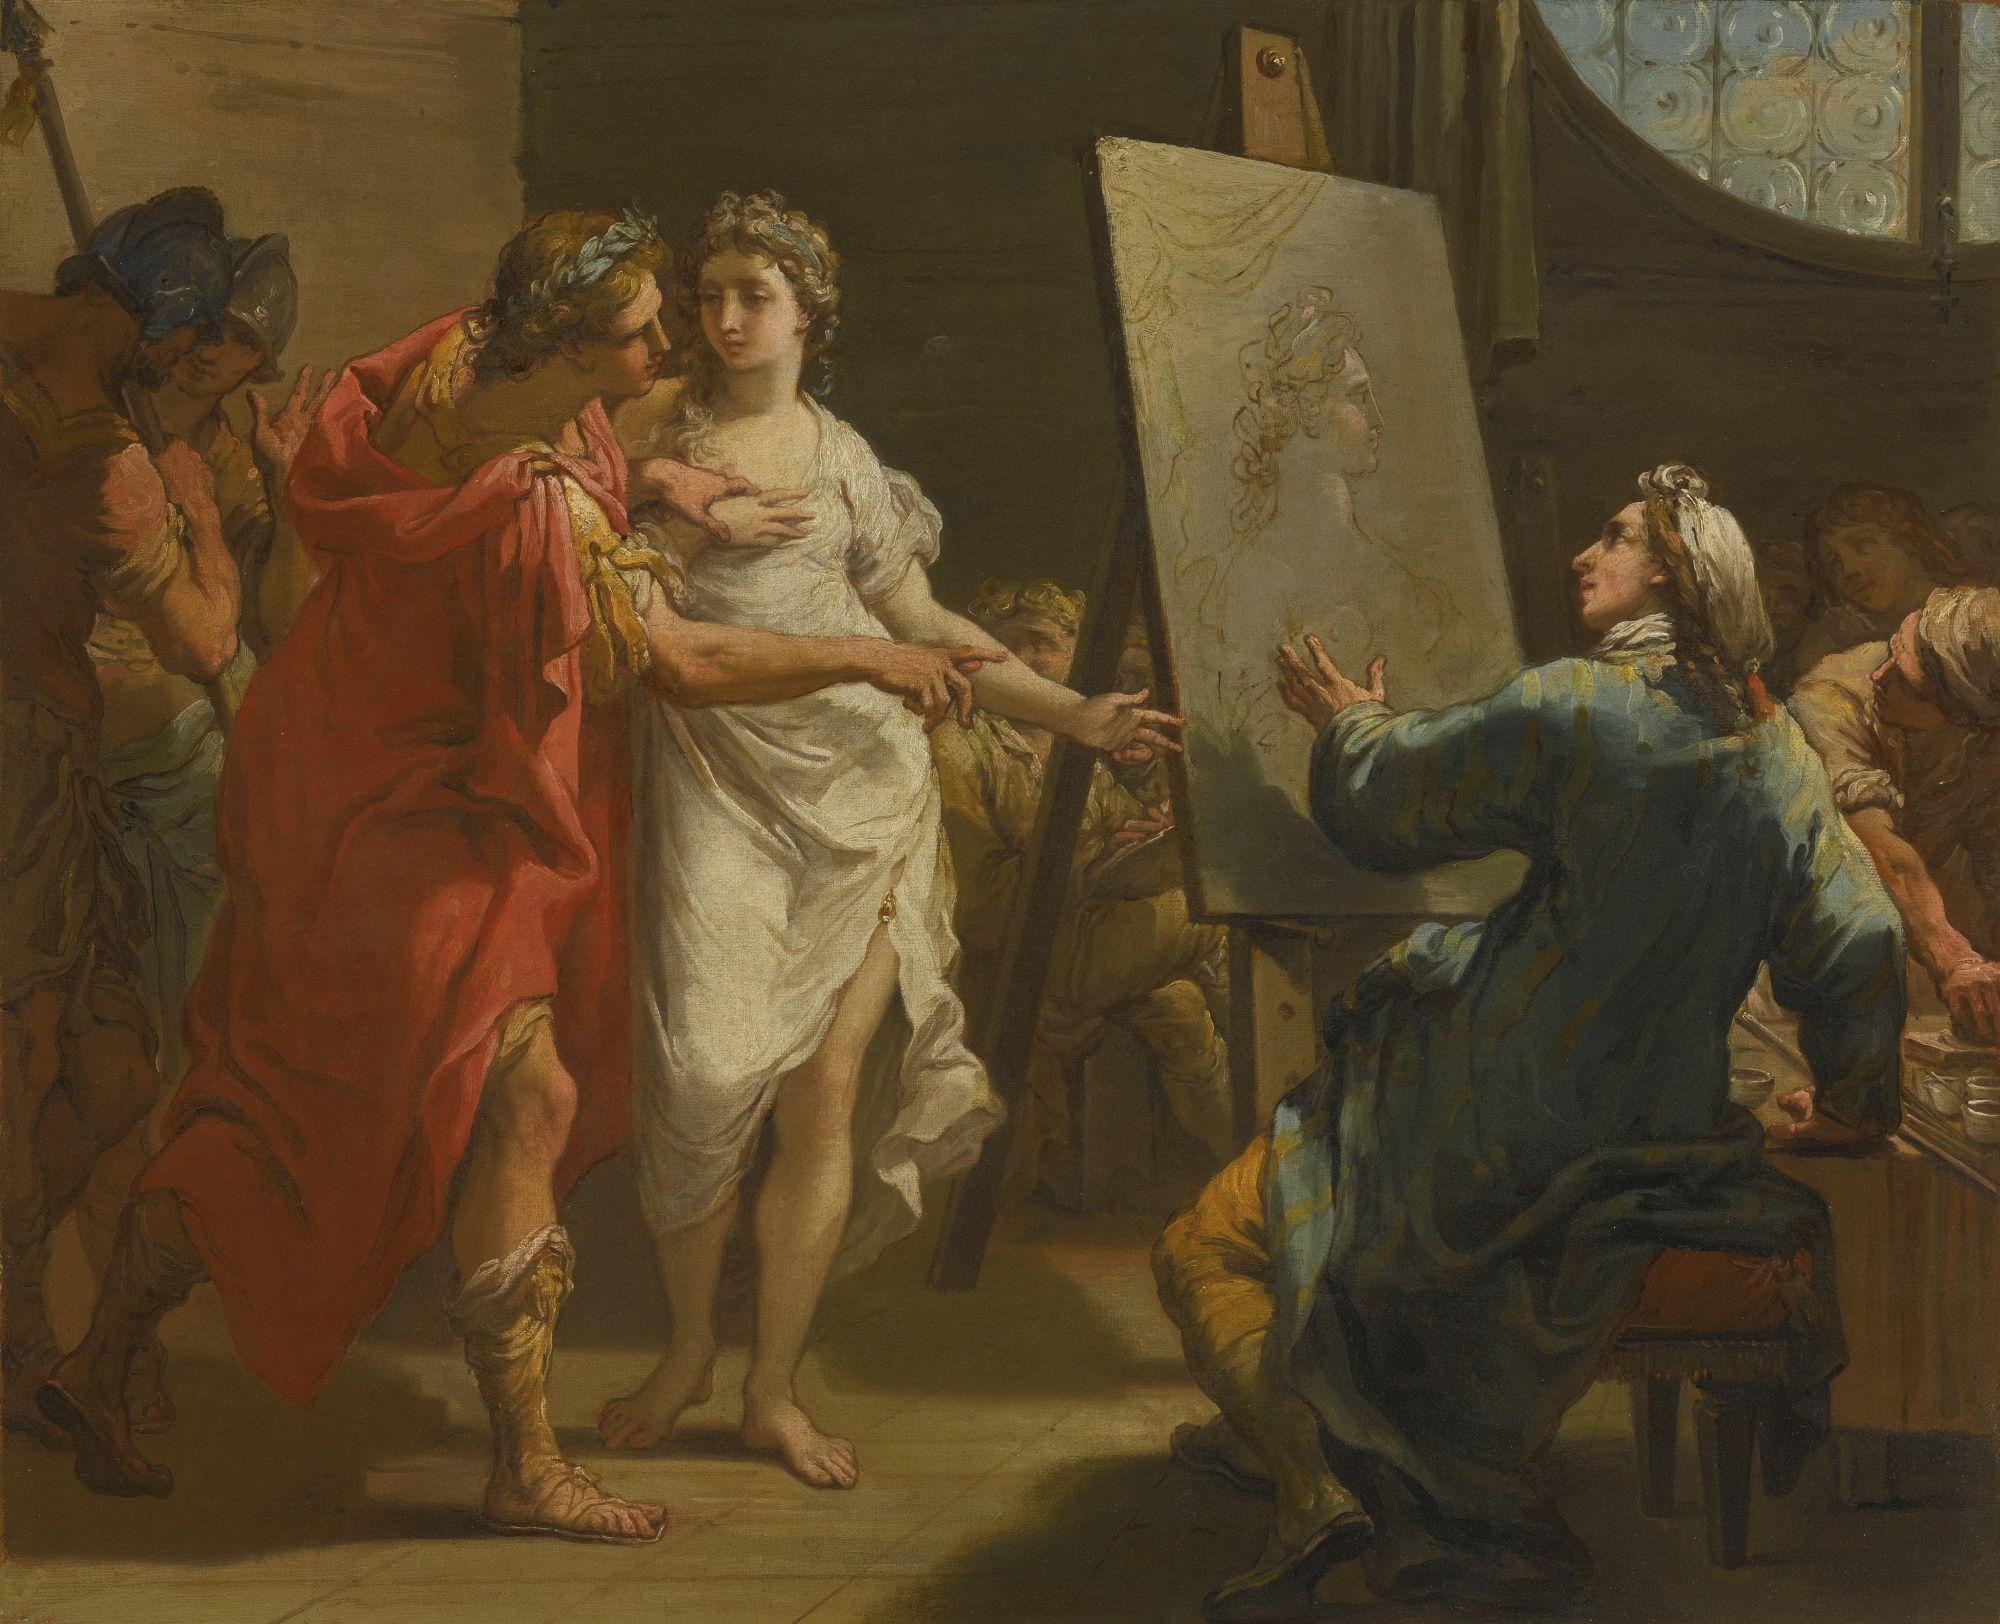 gandolfi gaetano 1792 alexandre et apelle coll priv